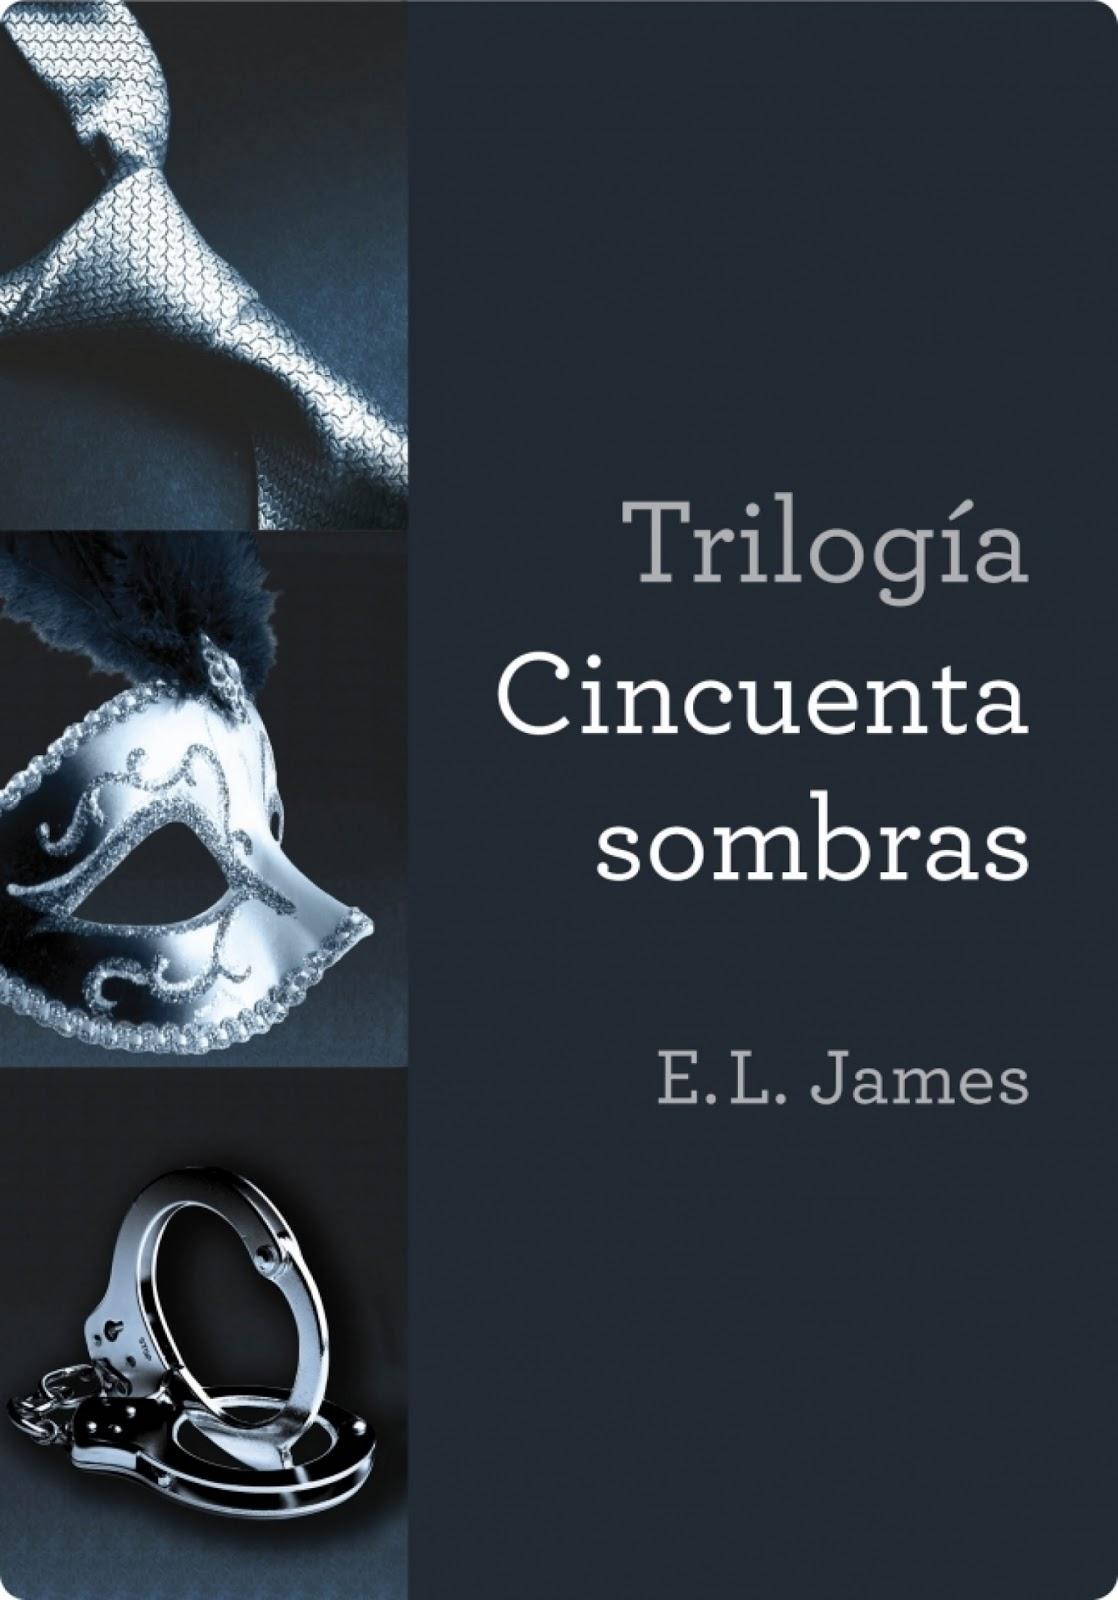 trilogia-cincuenta-sombras-cincuenta-sombras-de-grey-cincuenta-sombras